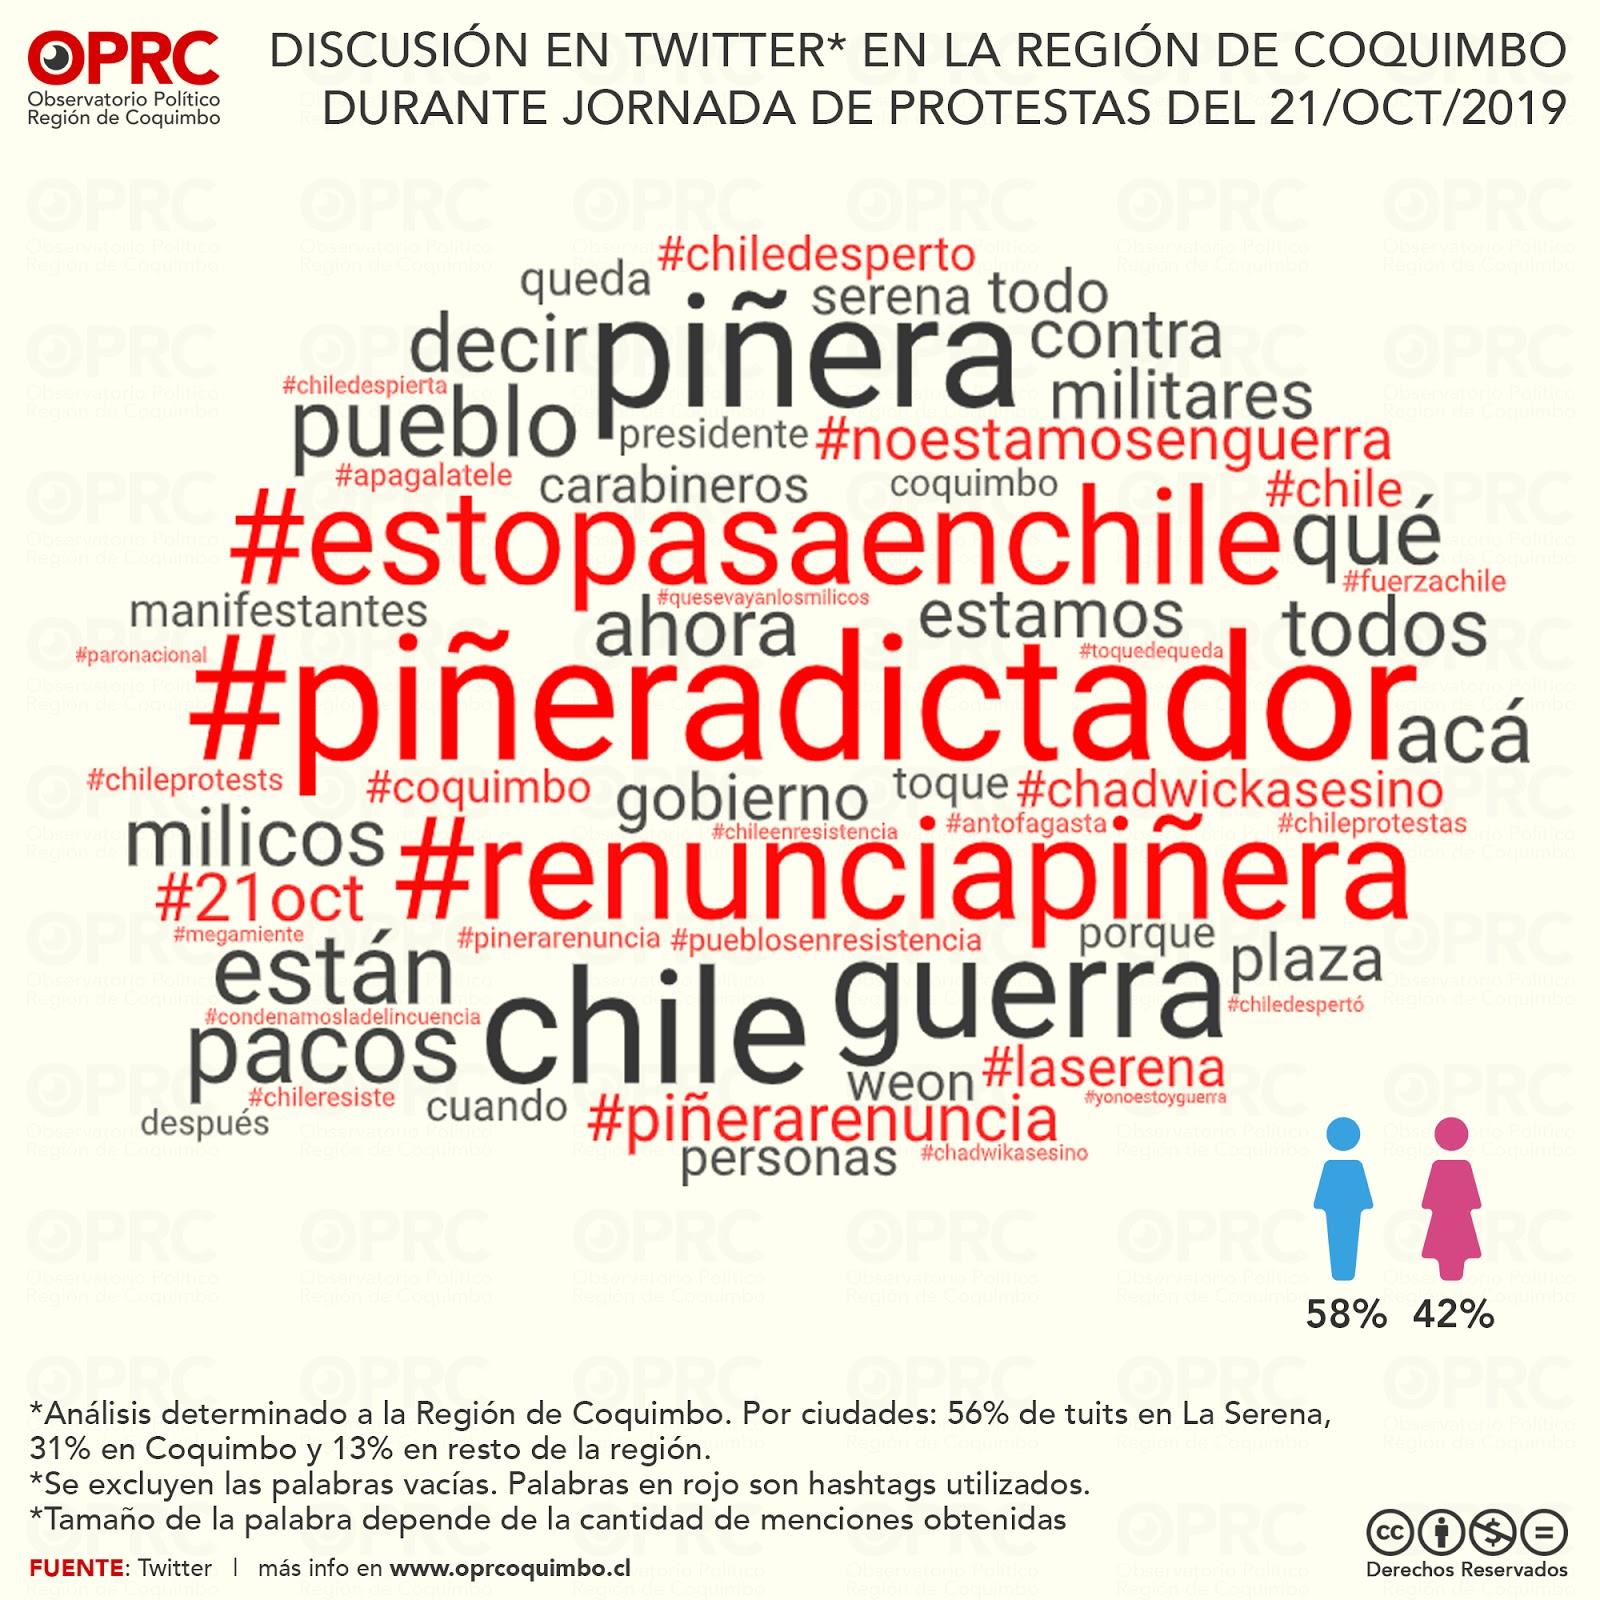 Discusión en Twitter en la Región de Coquimbo por protestas del 21 de octubre de 2019